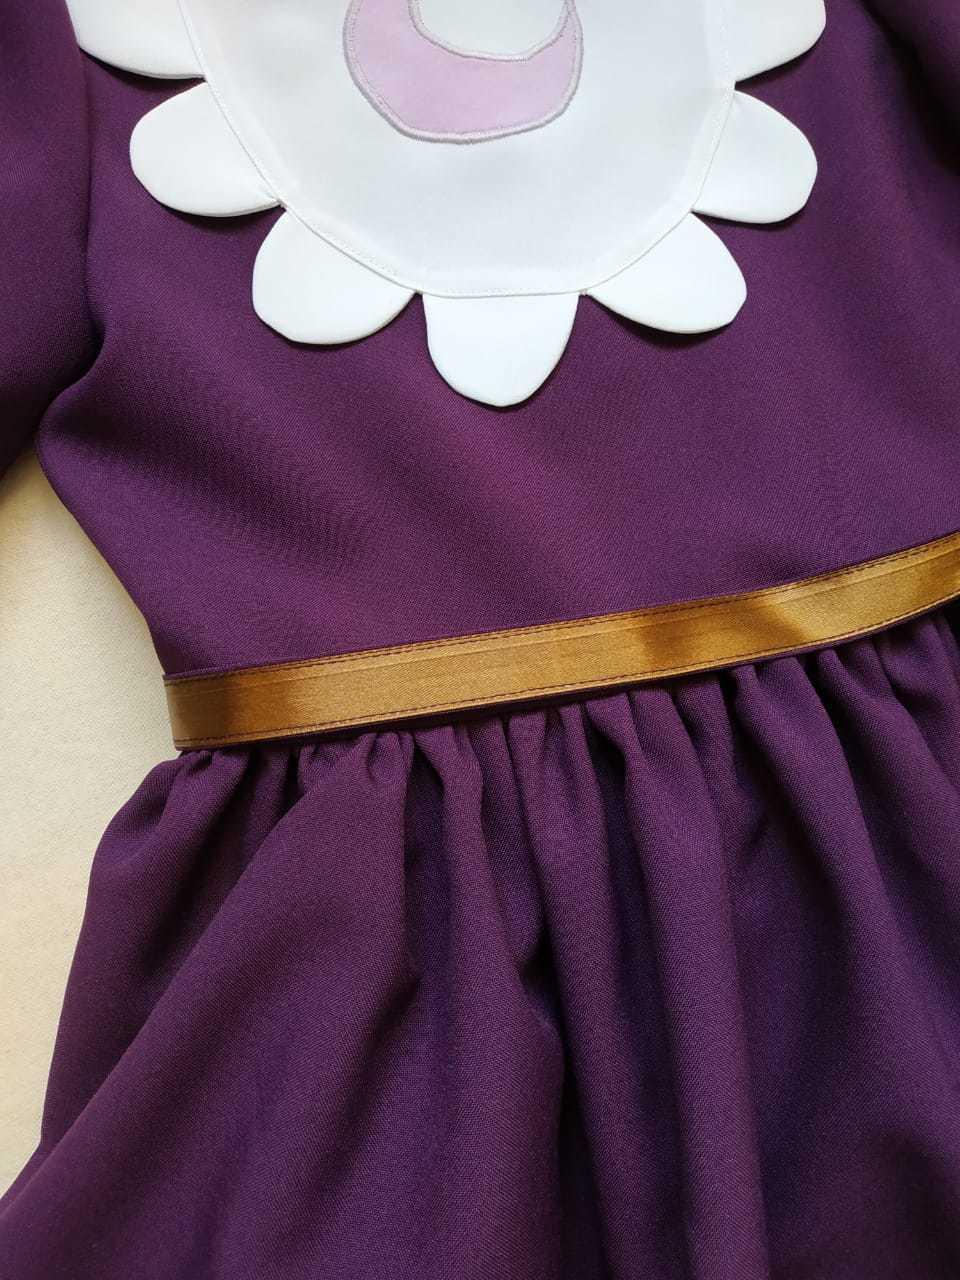 Платье Эклипсы Баттерфляй (вблизи) - фото 2 - kinoshop24.ru